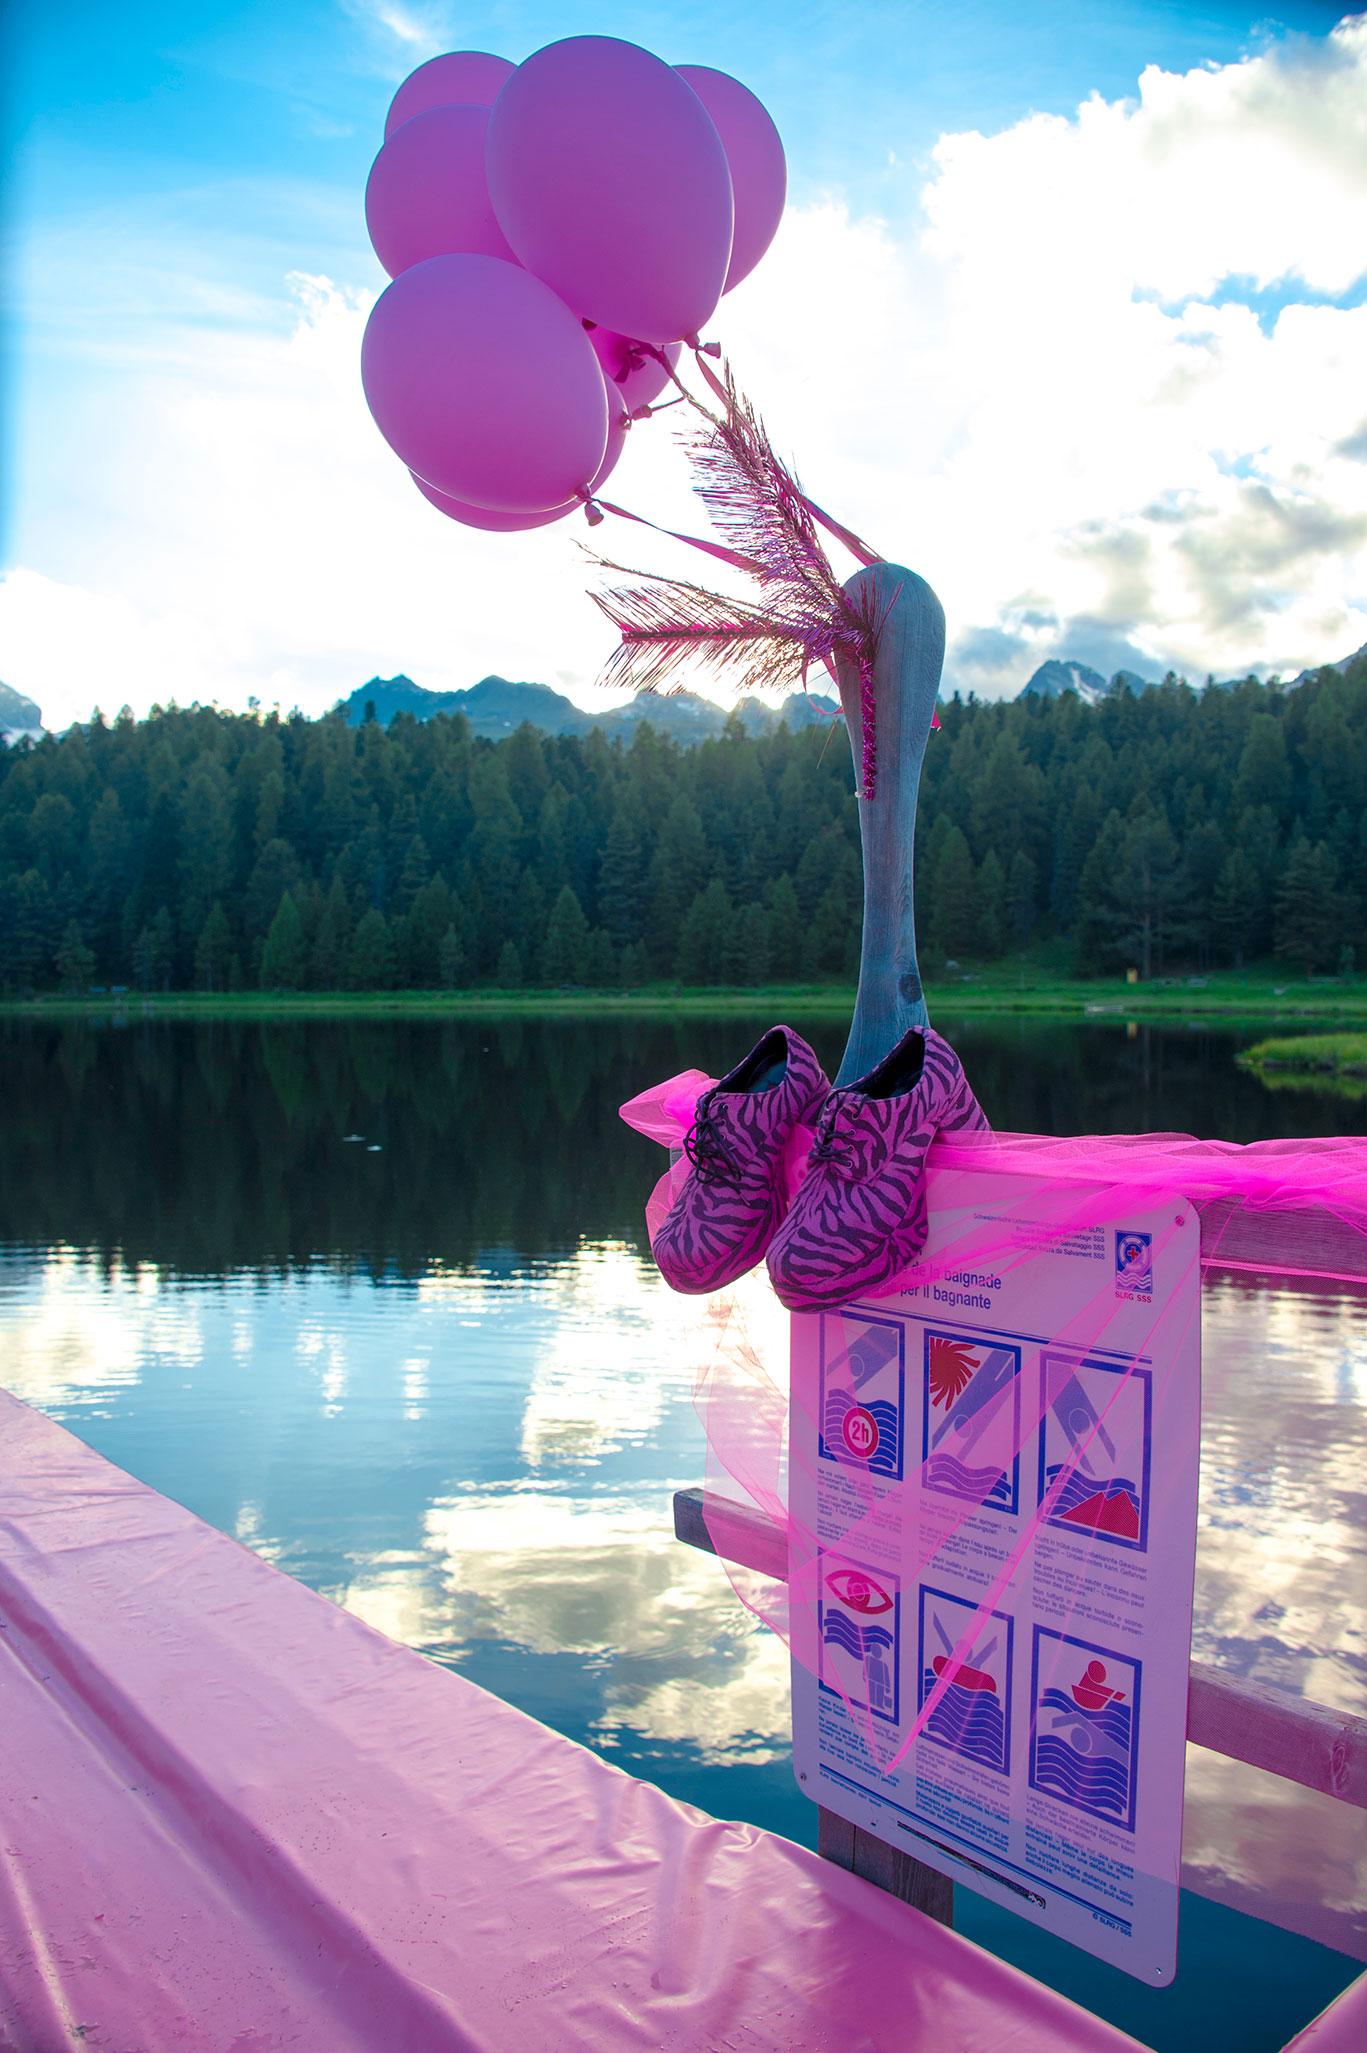 pink-pier-parade-2016-schuhe-closeup.jpg